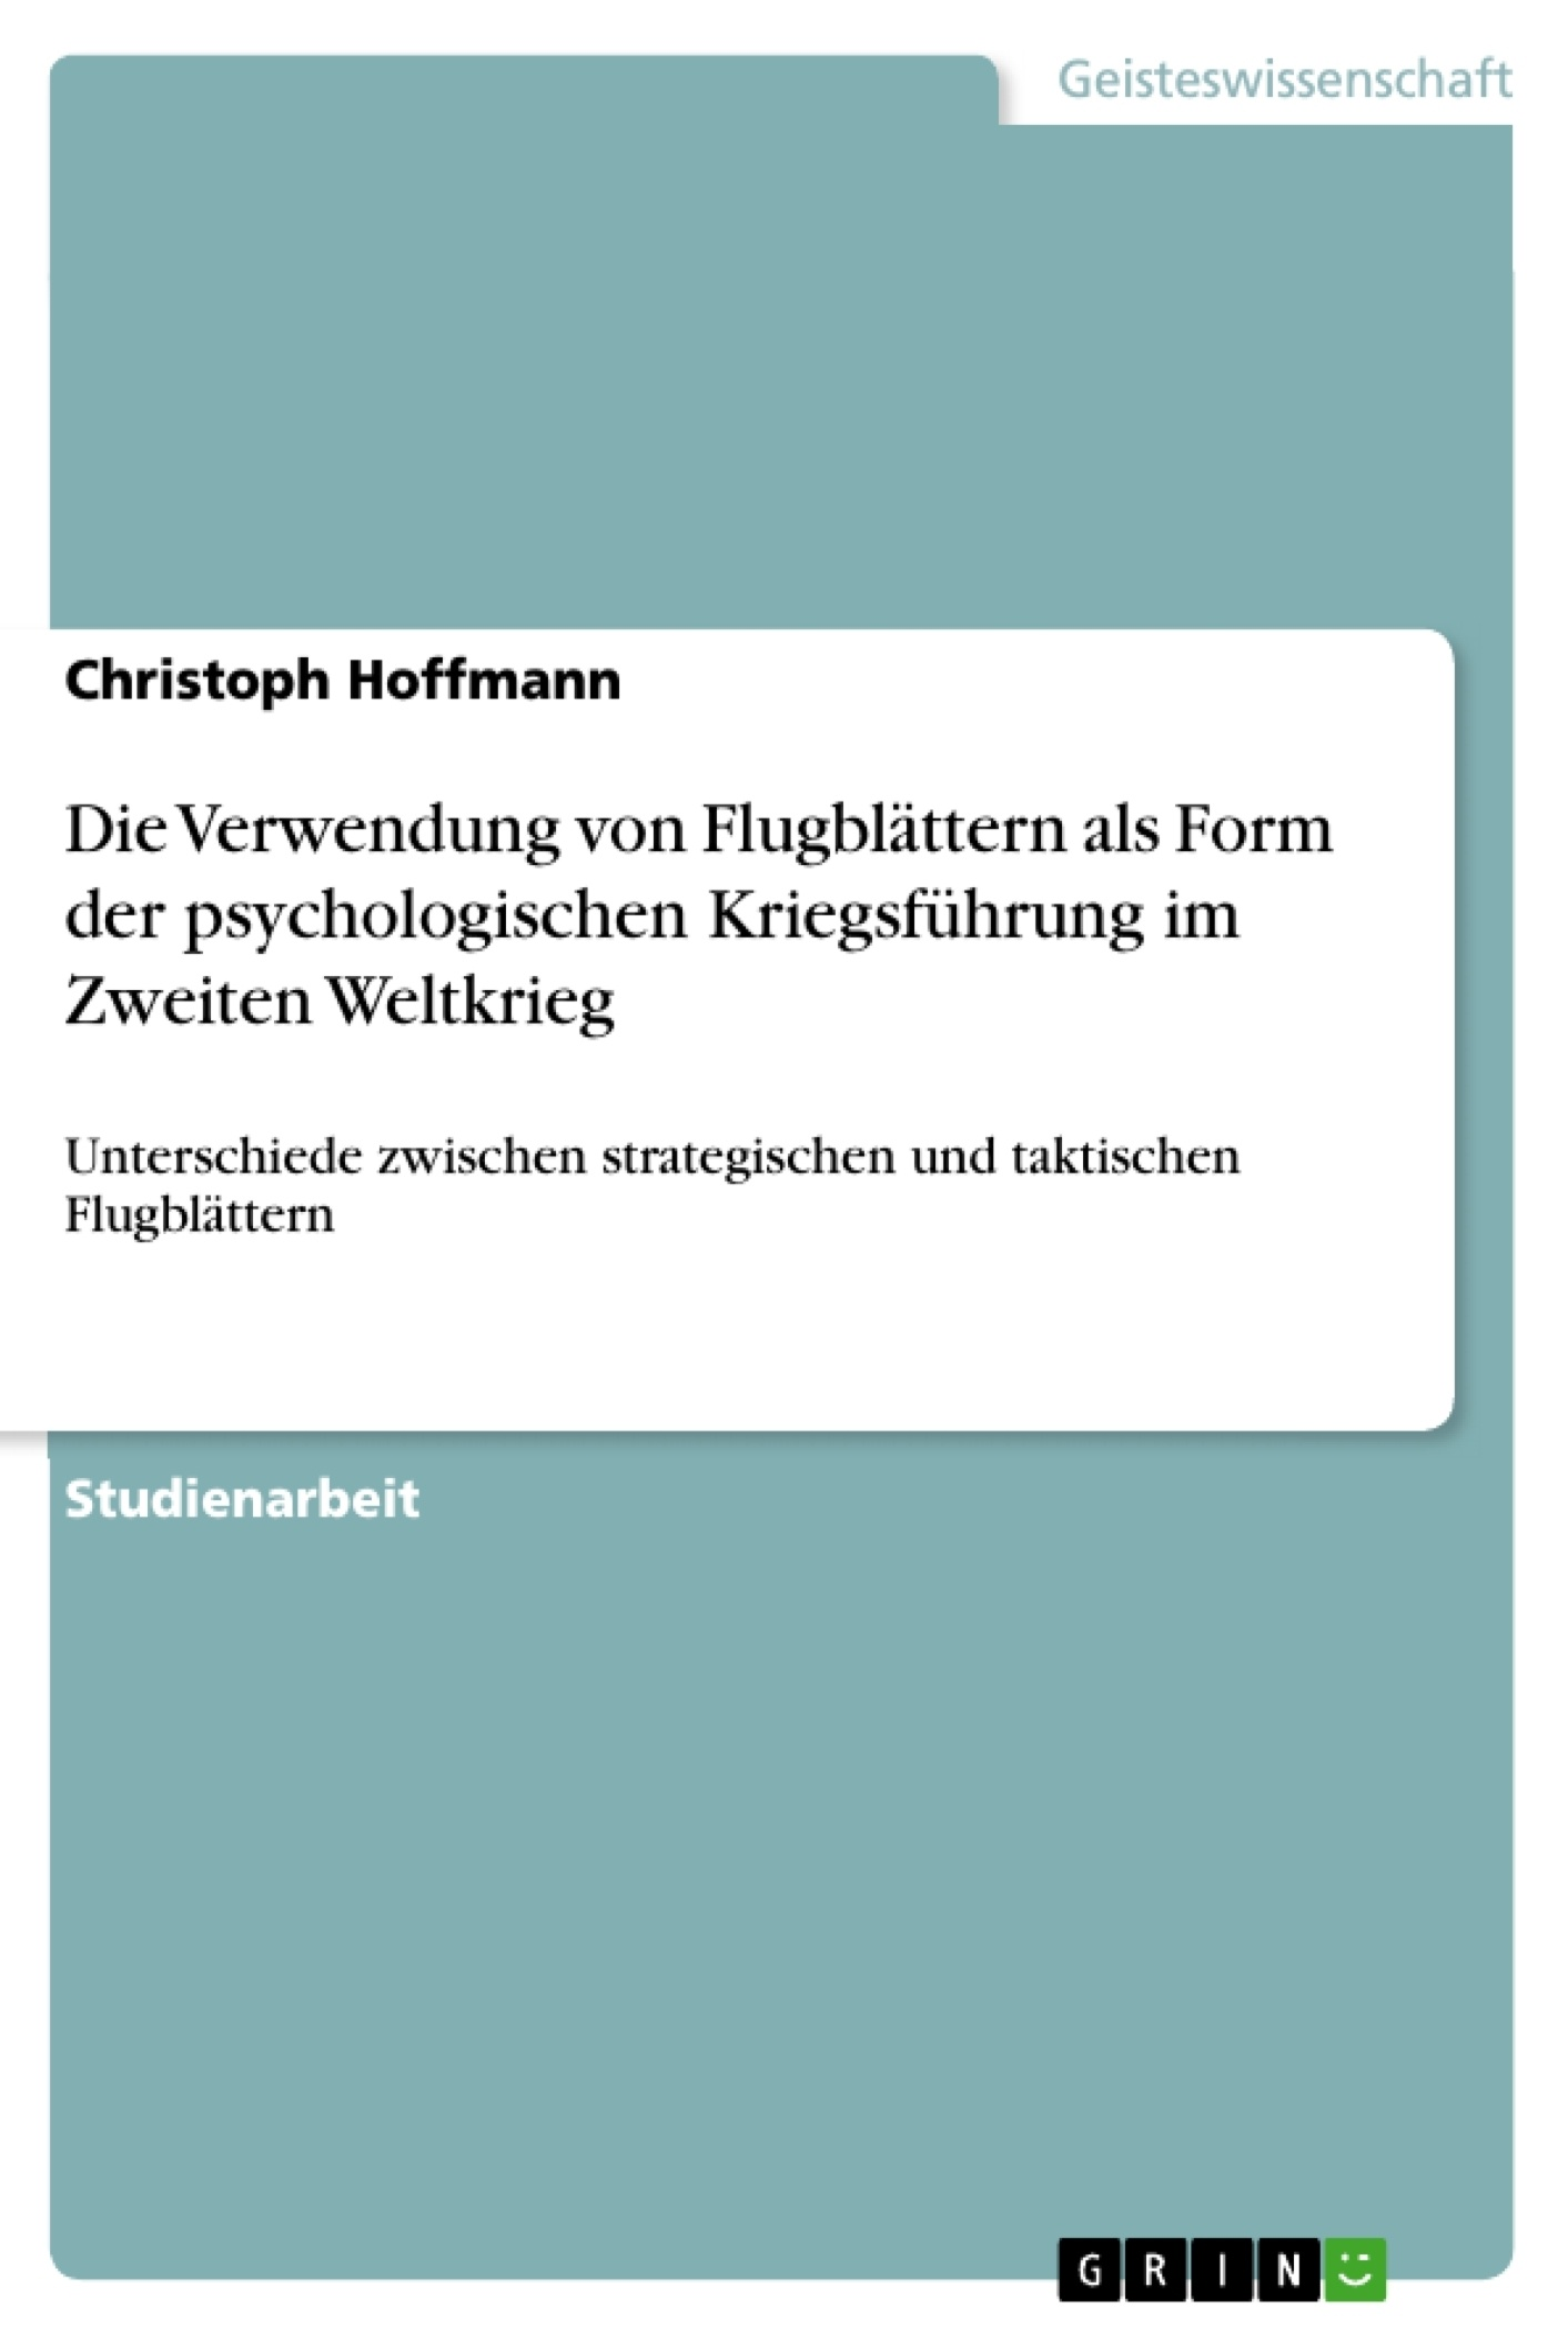 Titel: Die Verwendung von Flugblättern als Form der psychologischen Kriegsführung im Zweiten Weltkrieg